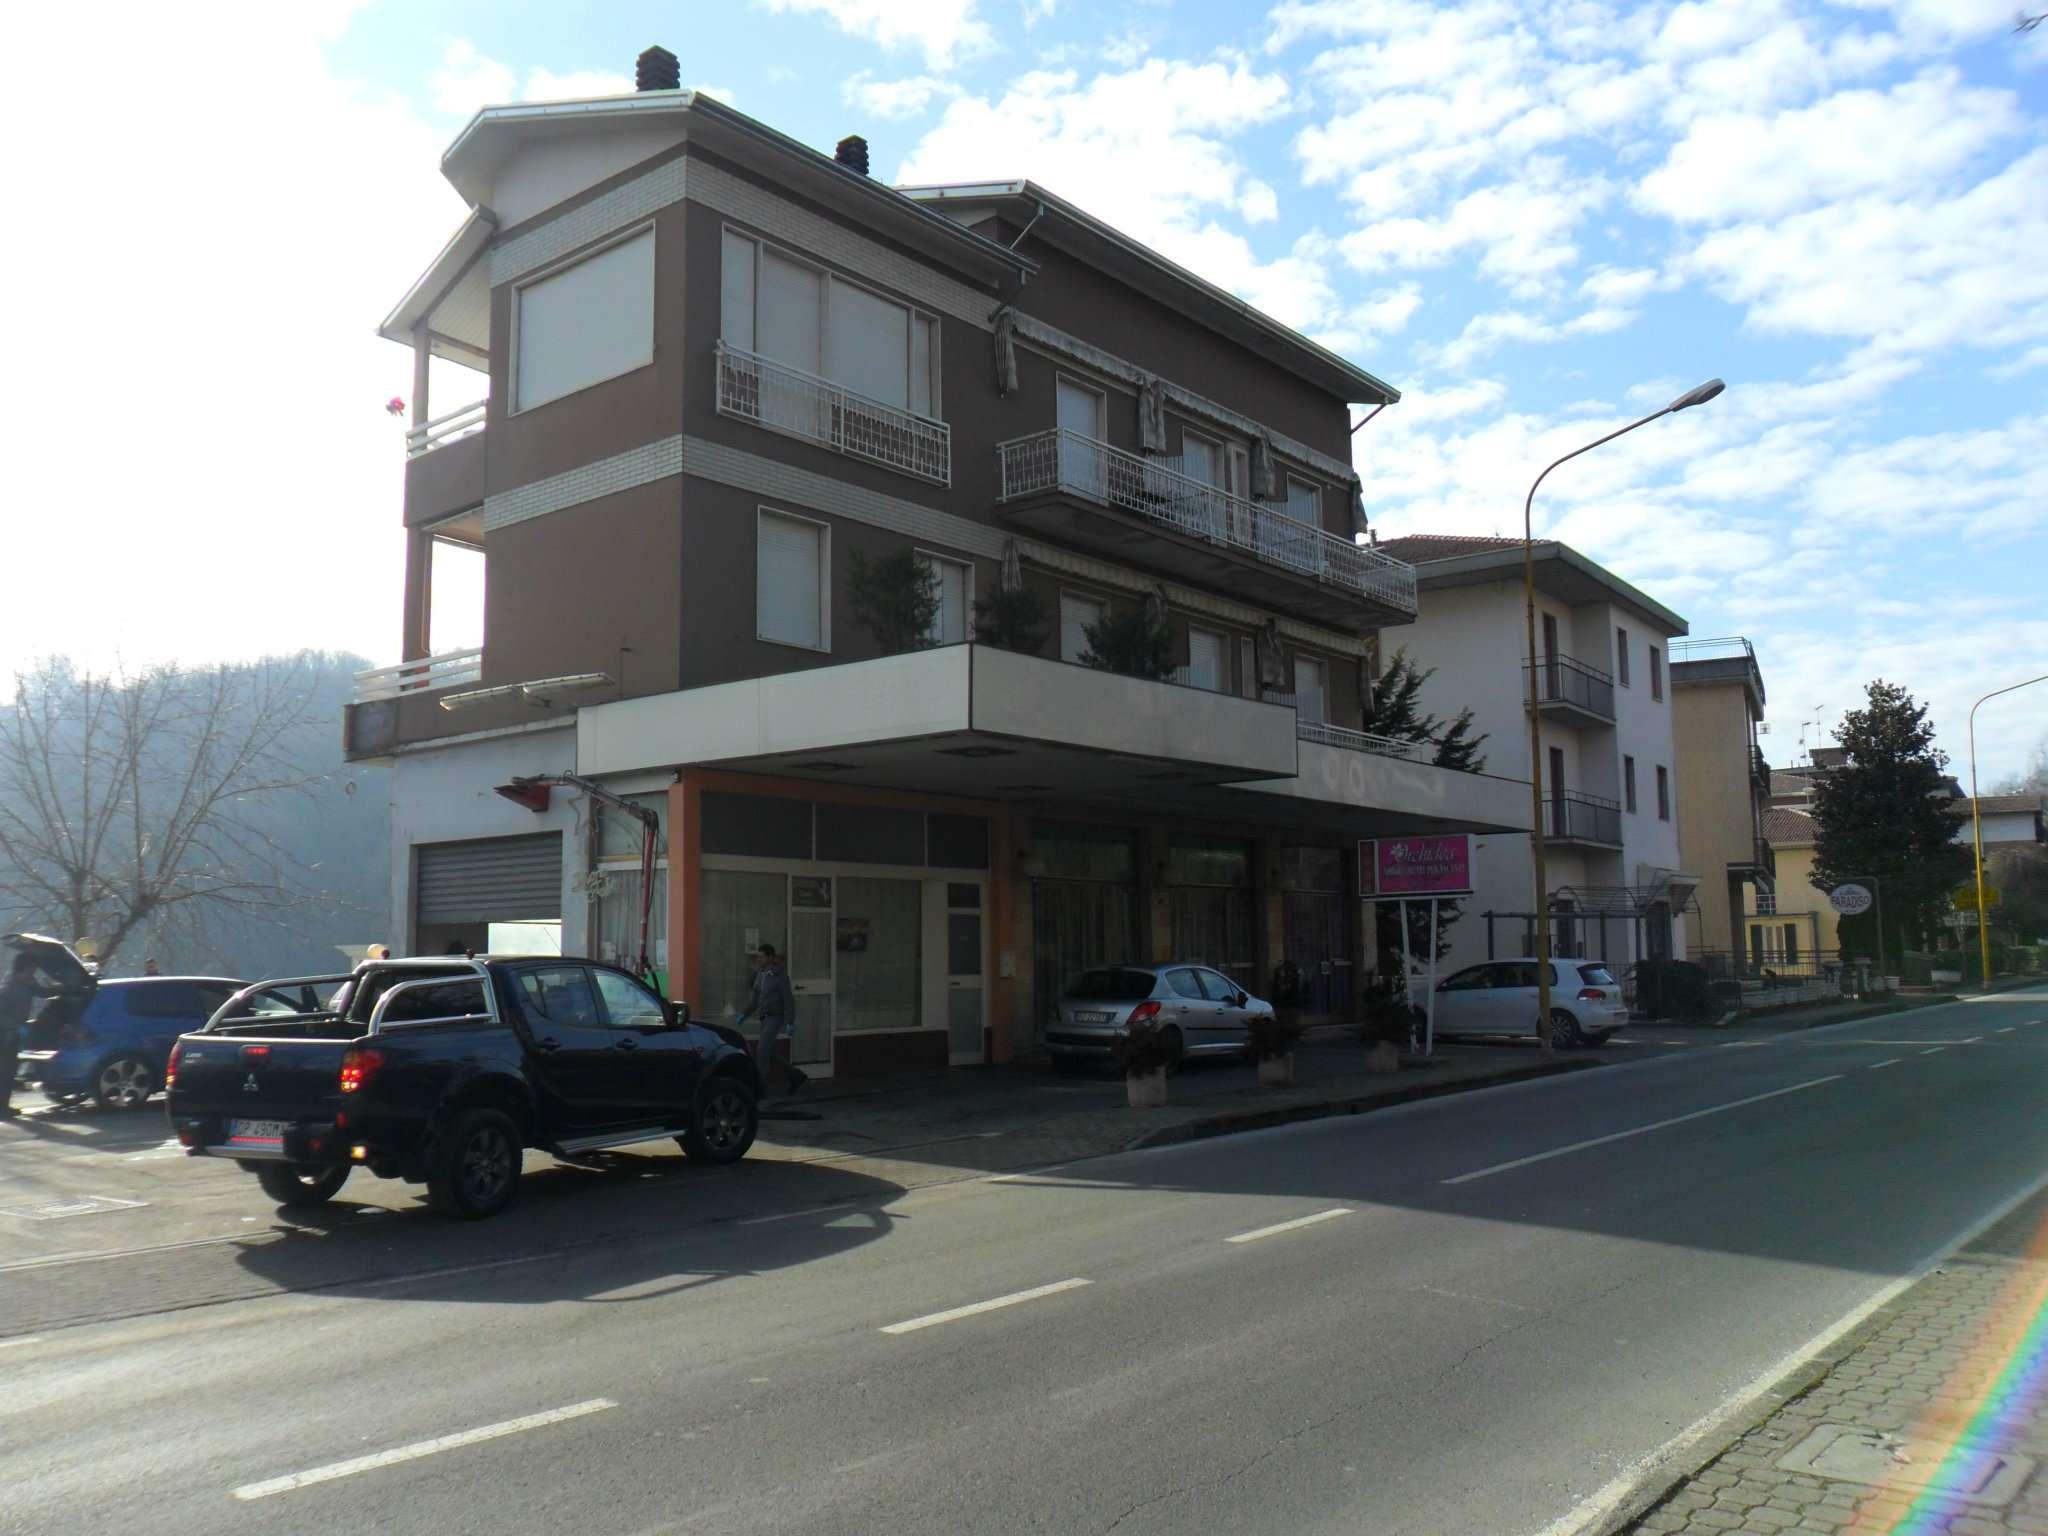 Palazzo / Stabile in vendita a Salsomaggiore Terme, 9999 locali, prezzo € 199.000 | Cambio Casa.it